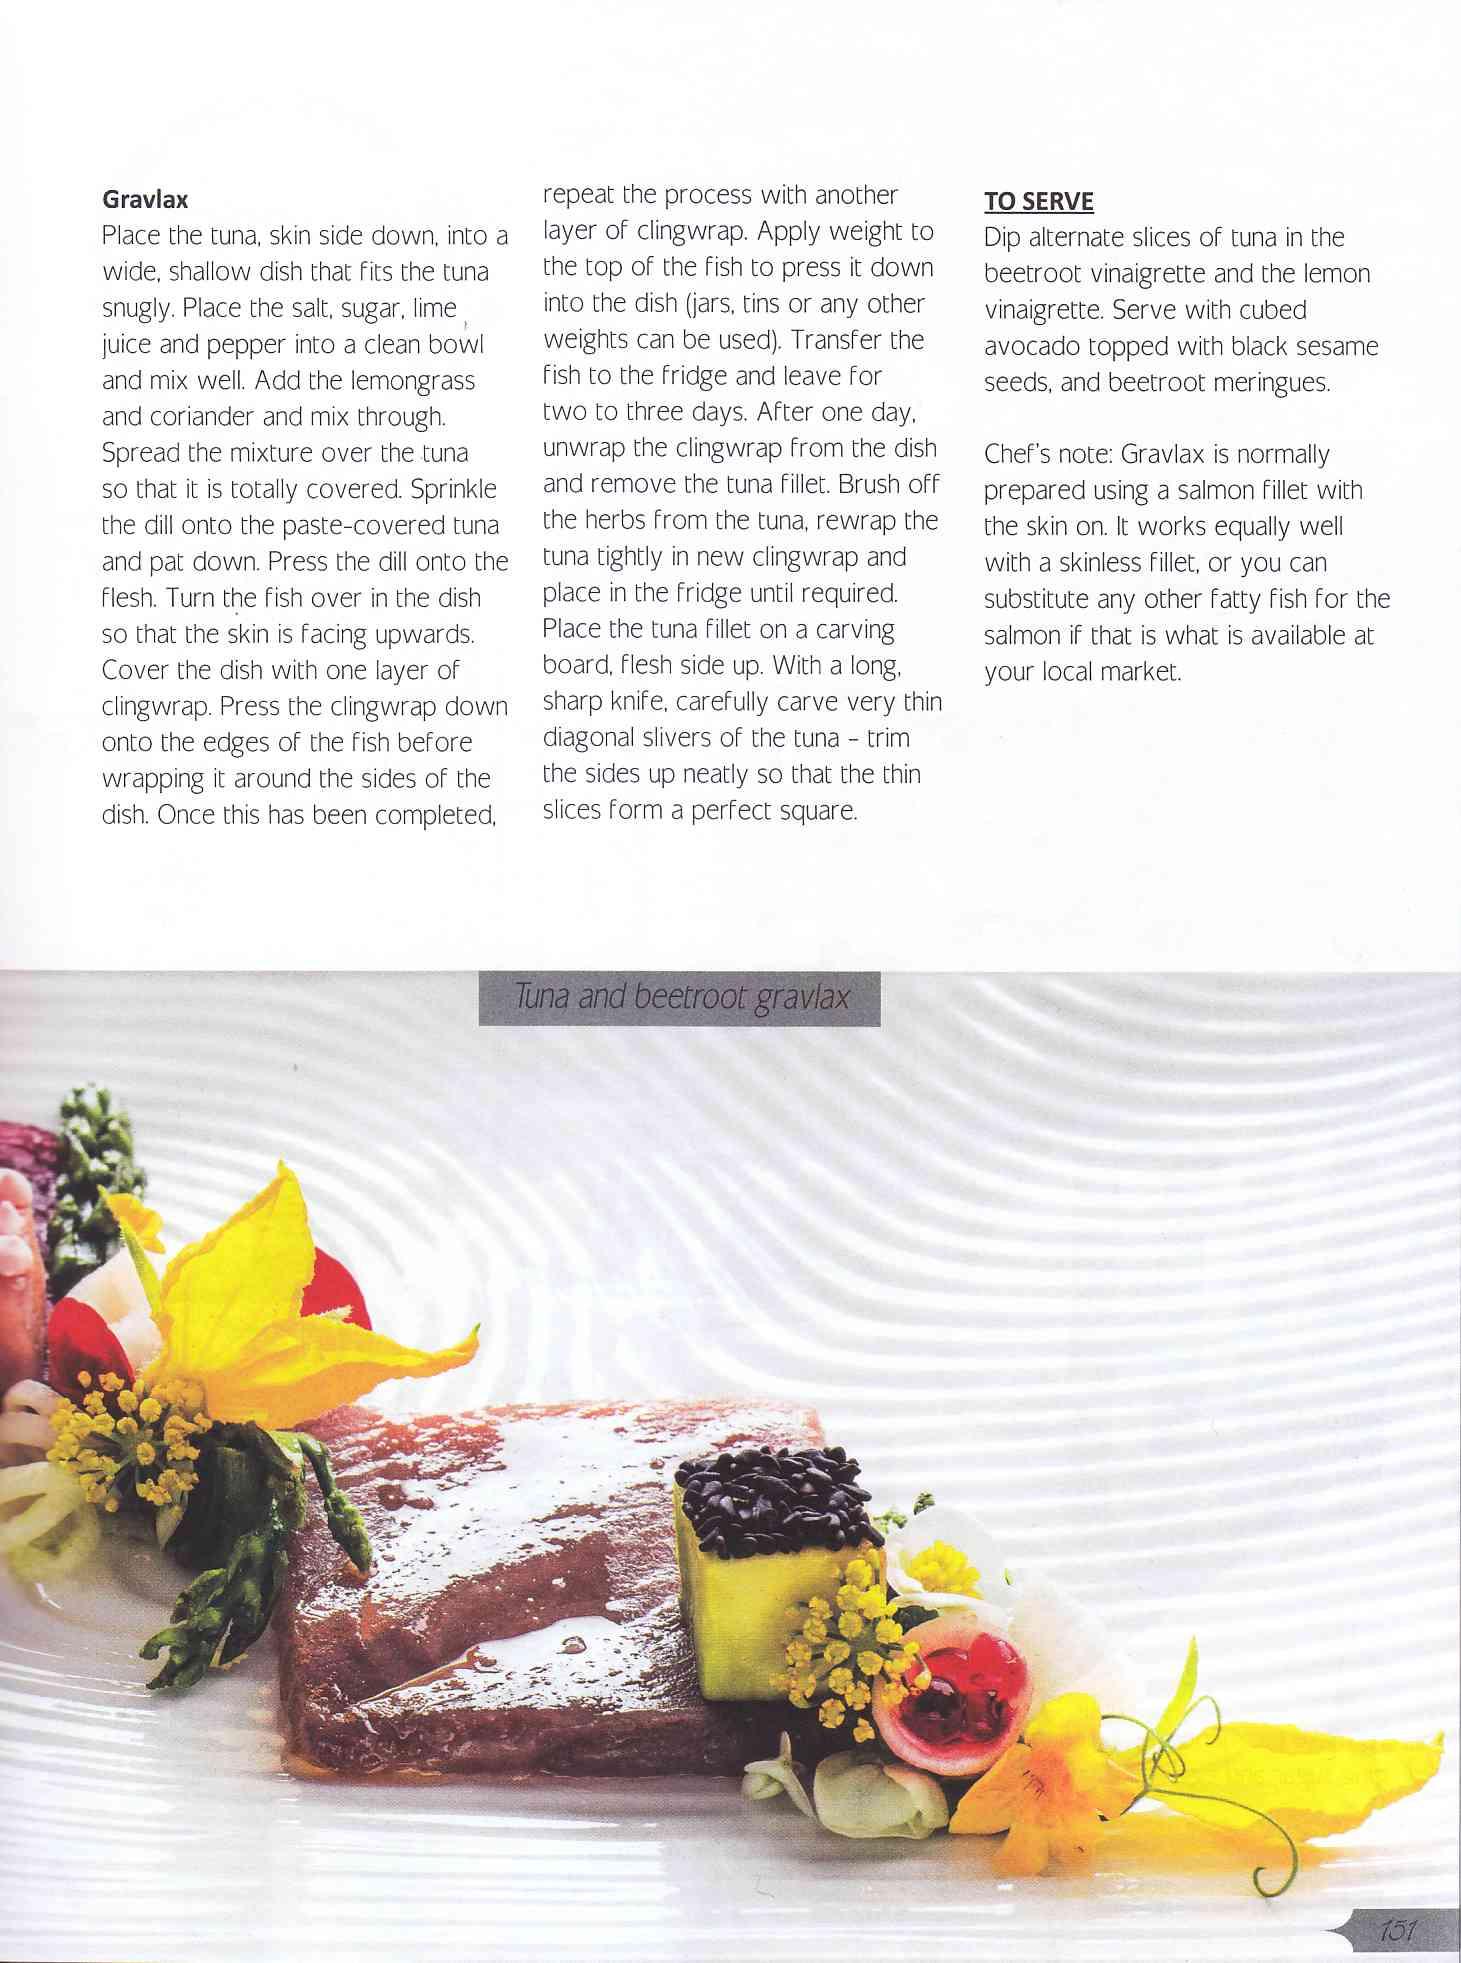 JH Gourmet Guide 4